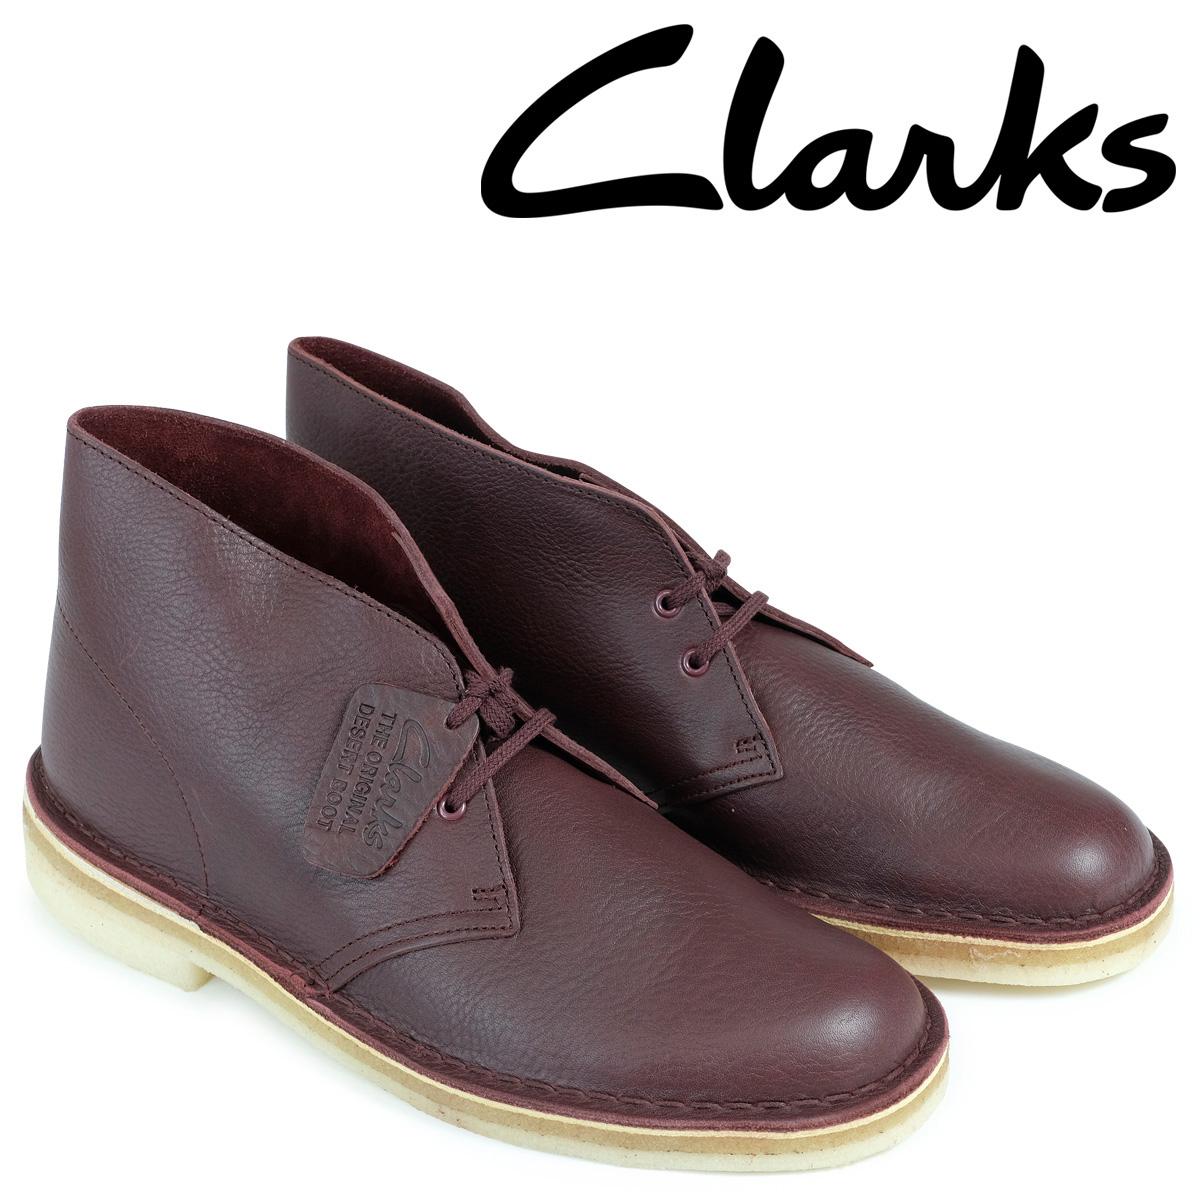 クラークス Clarks デザートブーツ メンズ DESERT BOOT 26125547 レザー バーガンディー